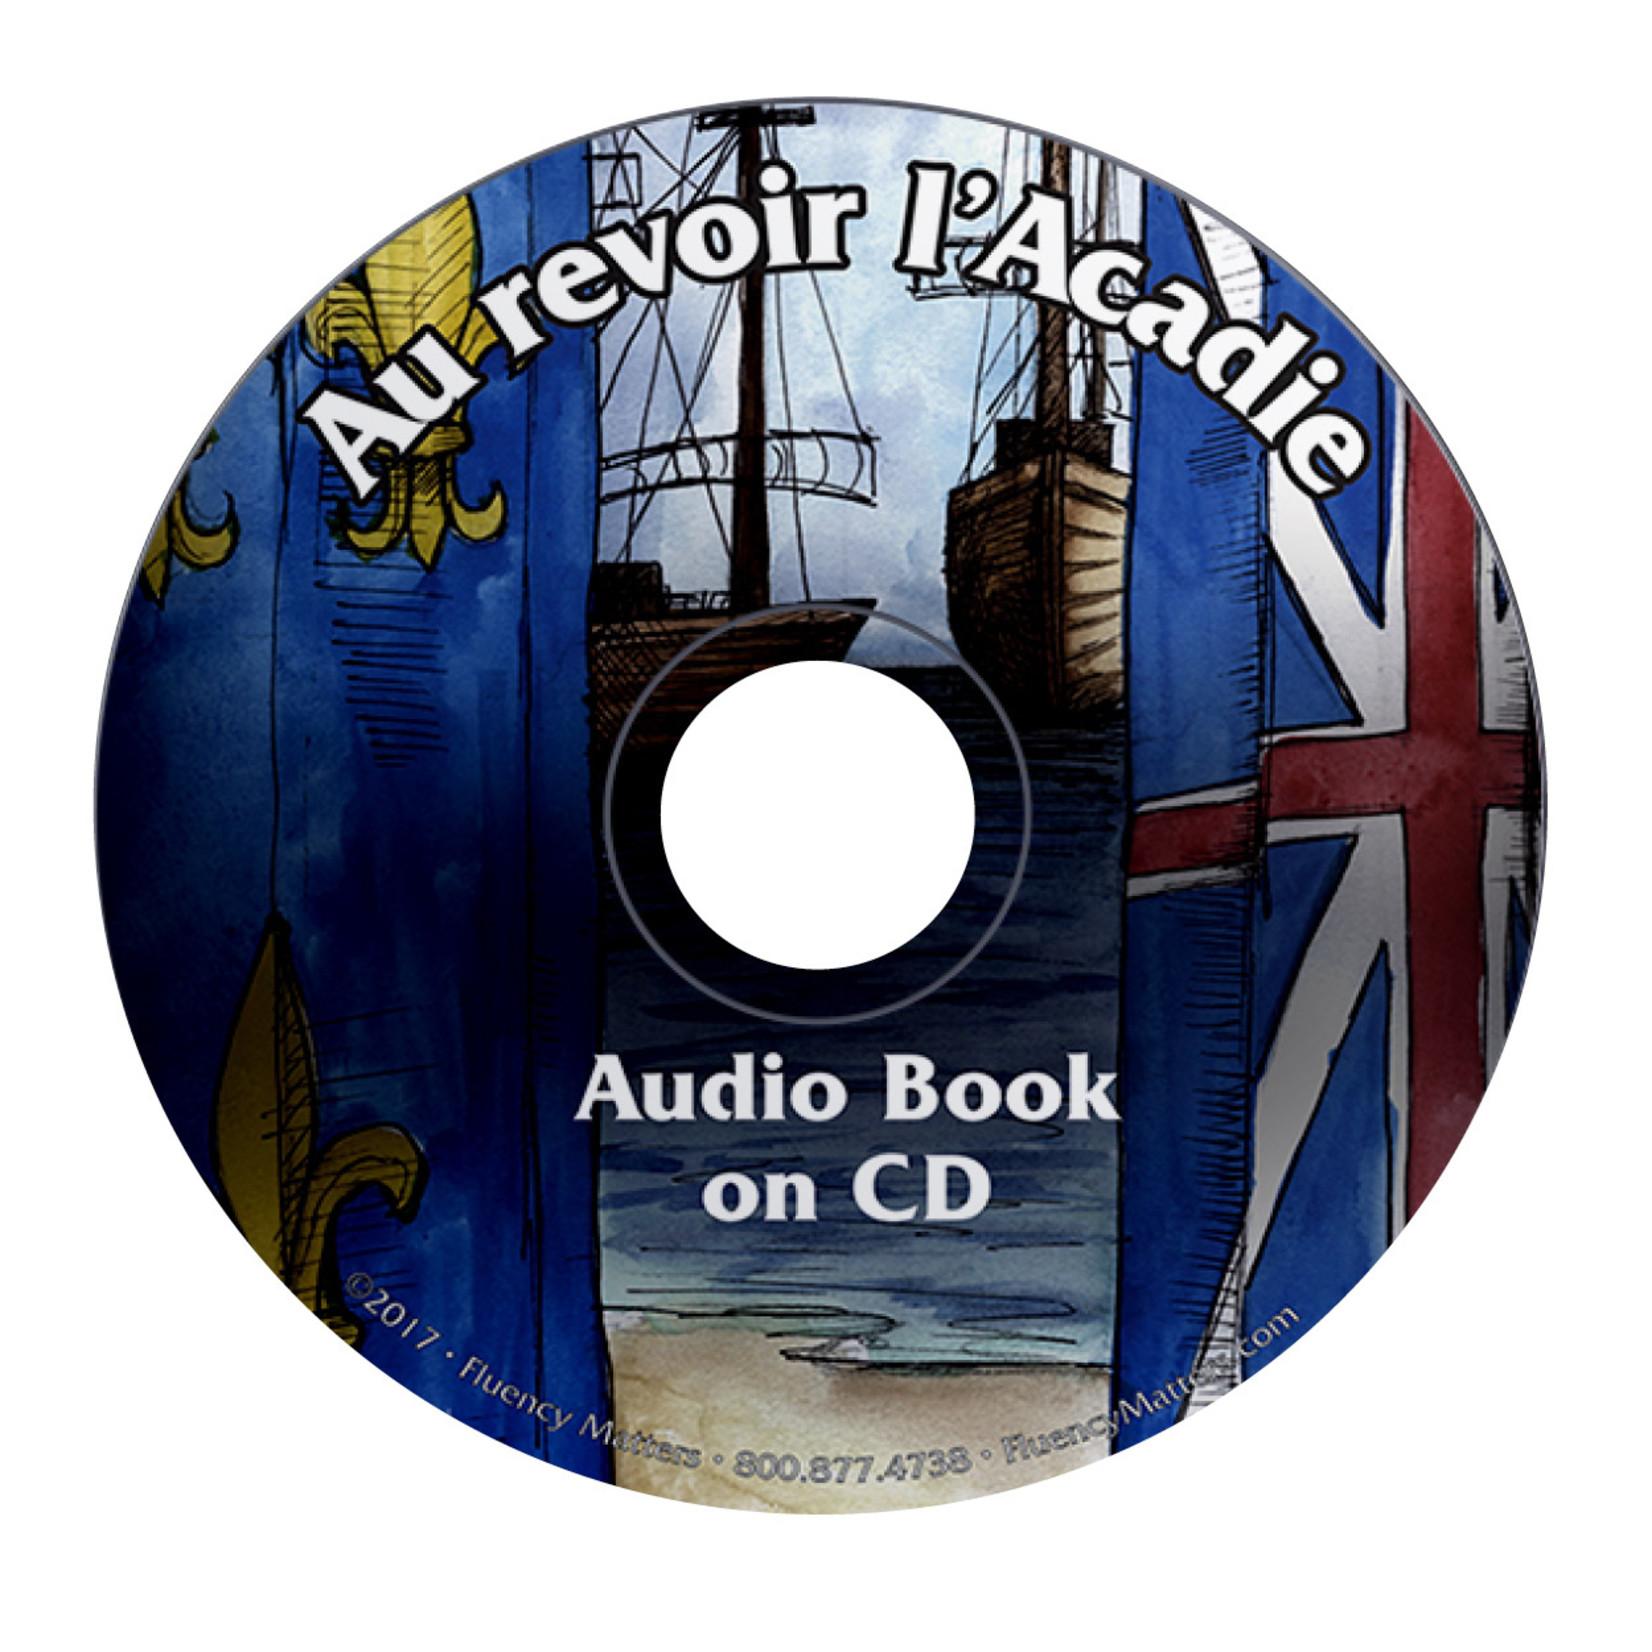 Fluency Matters Au revoir l'Acadie - Audiobook